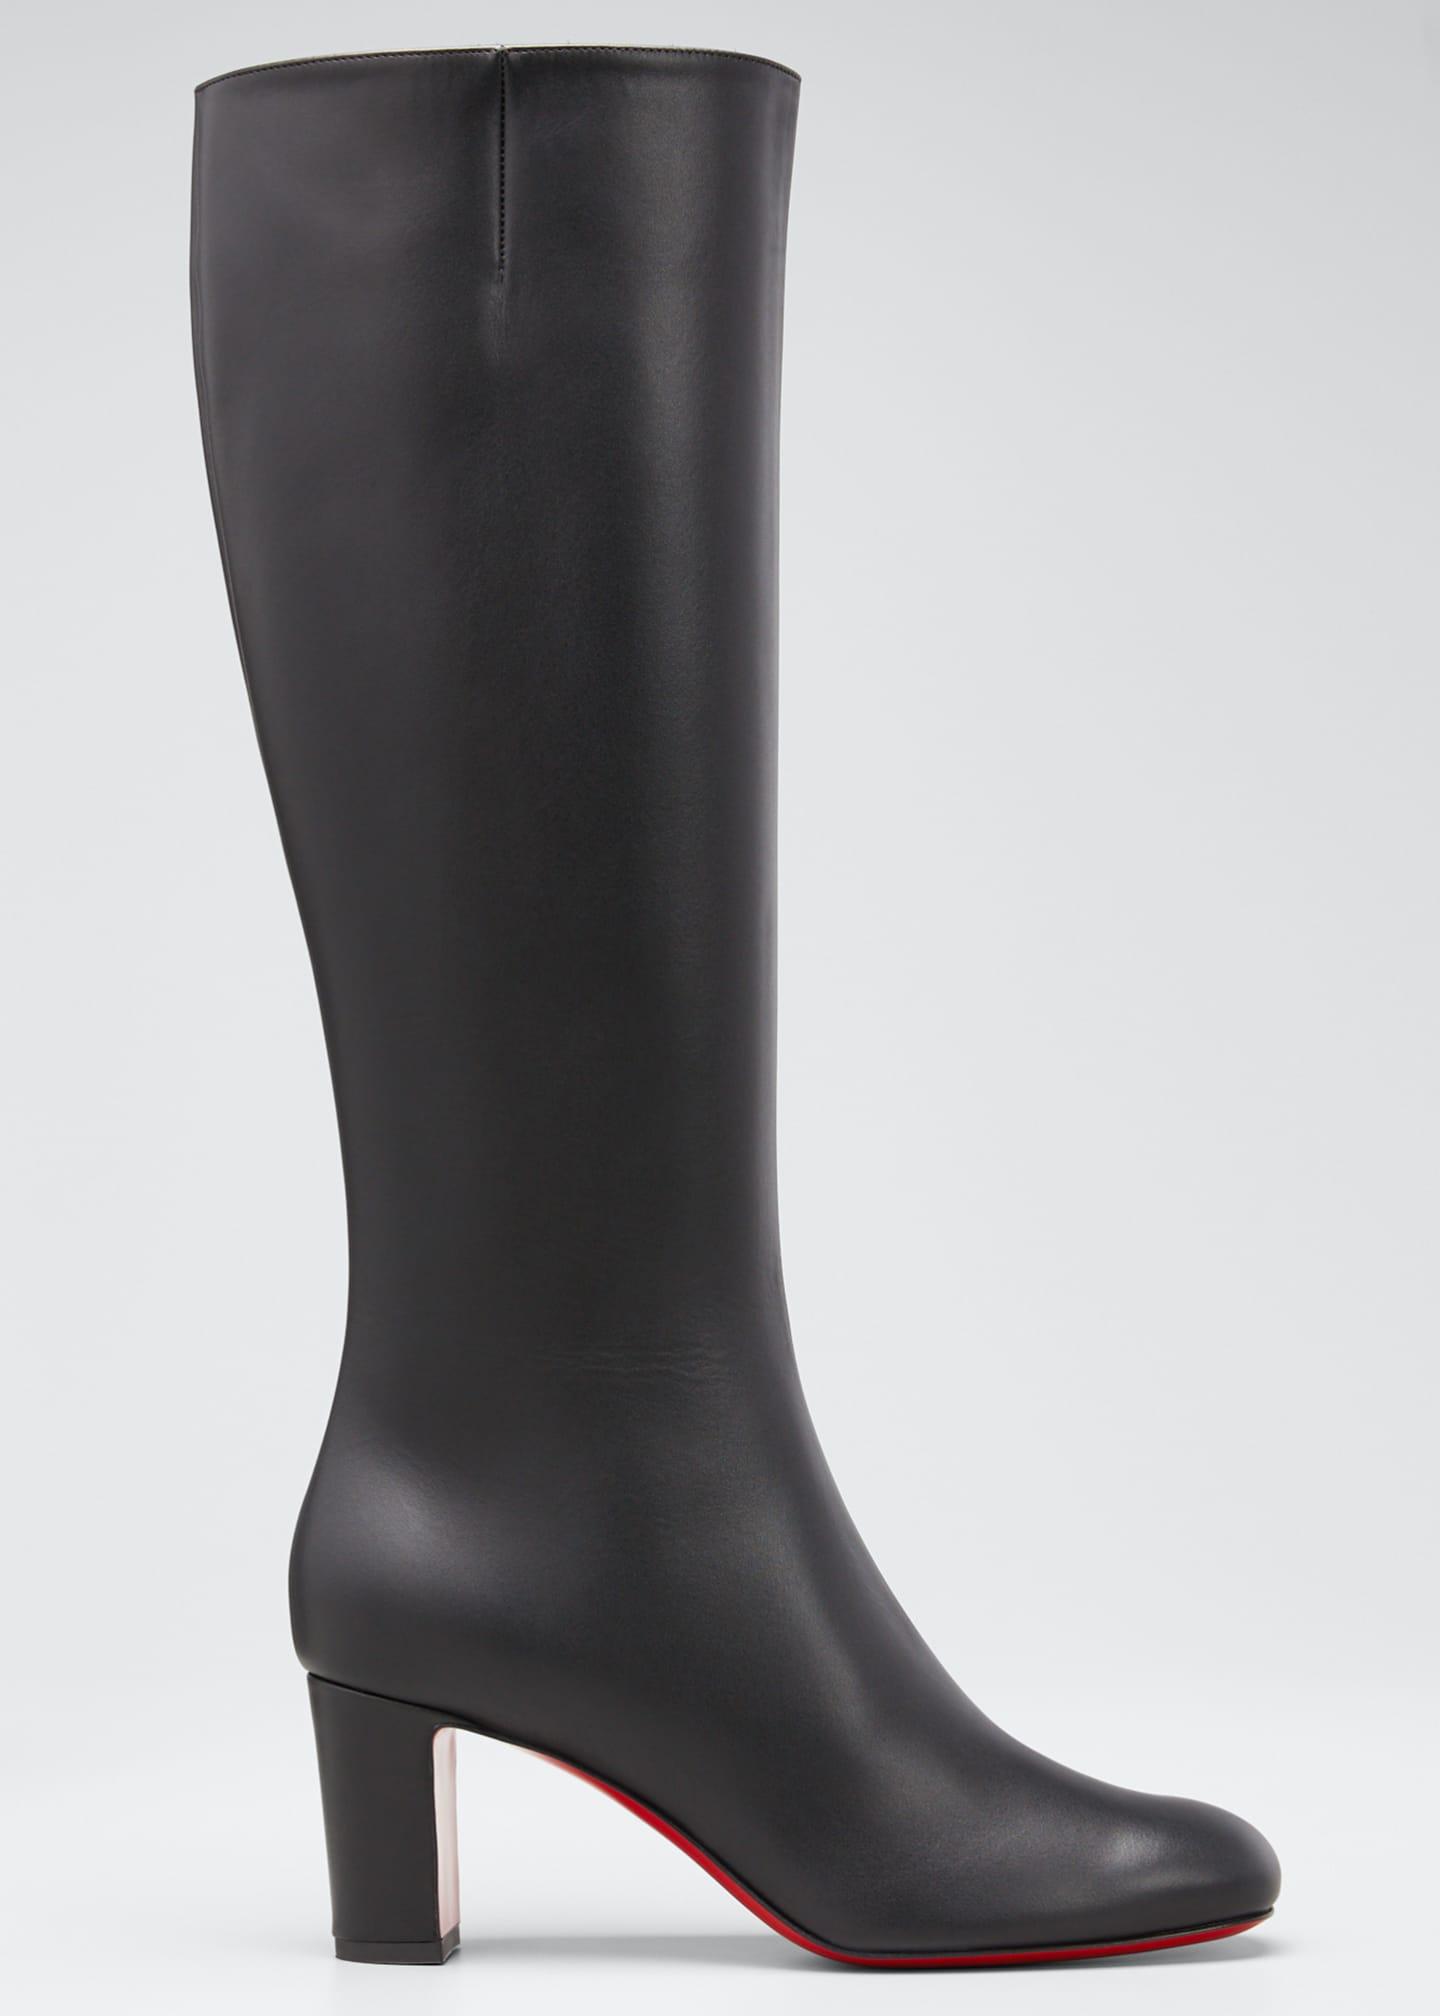 Christian Louboutin Cadrilla Botta Tall Boots